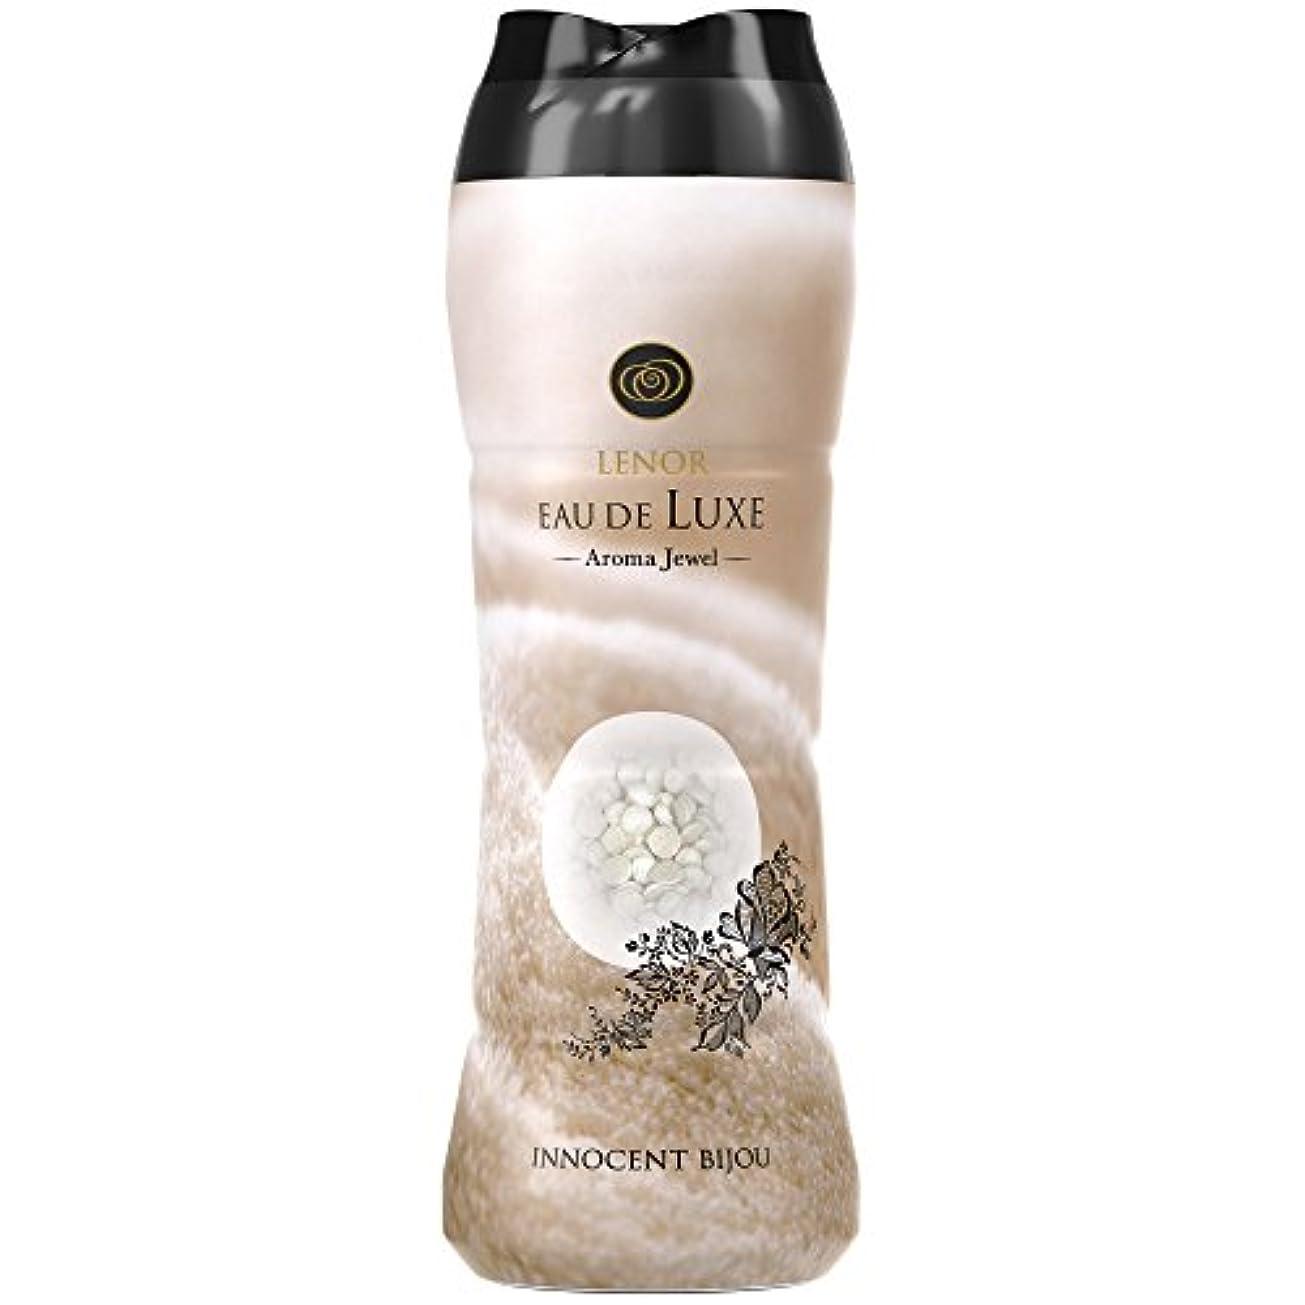 カタログきちんとした資源レノア オードリュクス アロマジュエル 香り付け専用剤 イノセントビジュの香り 520ml